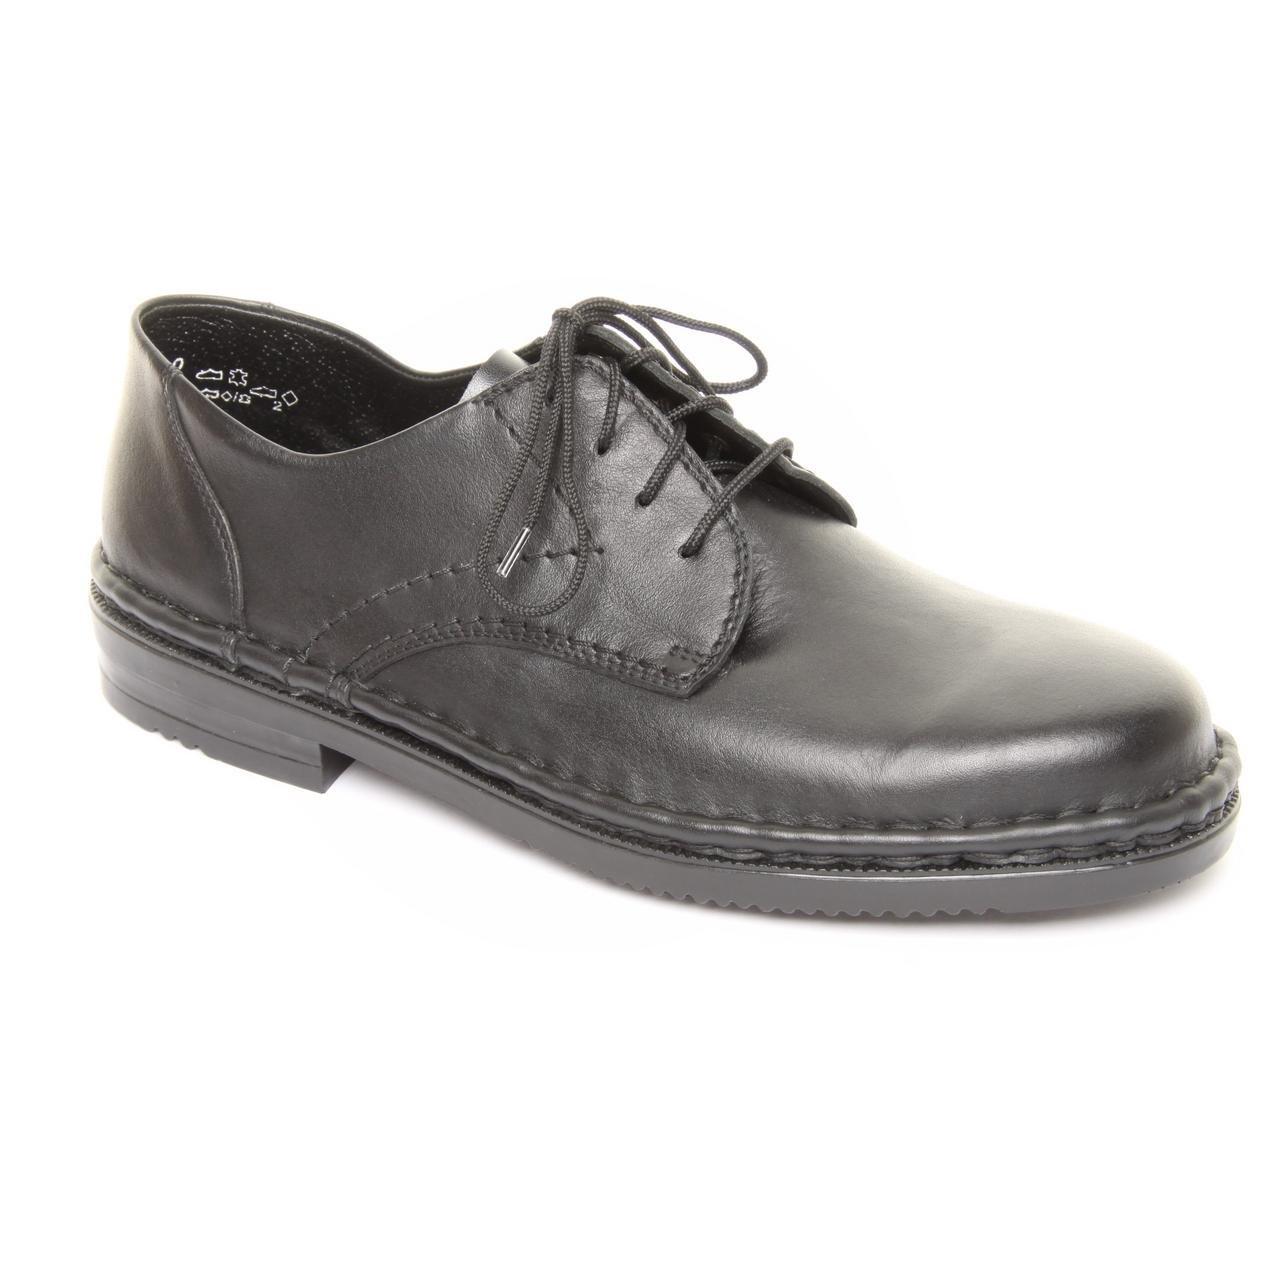 7ad2473e092f4 Mens Rieker Klaus Black Size 11: Amazon.co.uk: Shoes & Bags